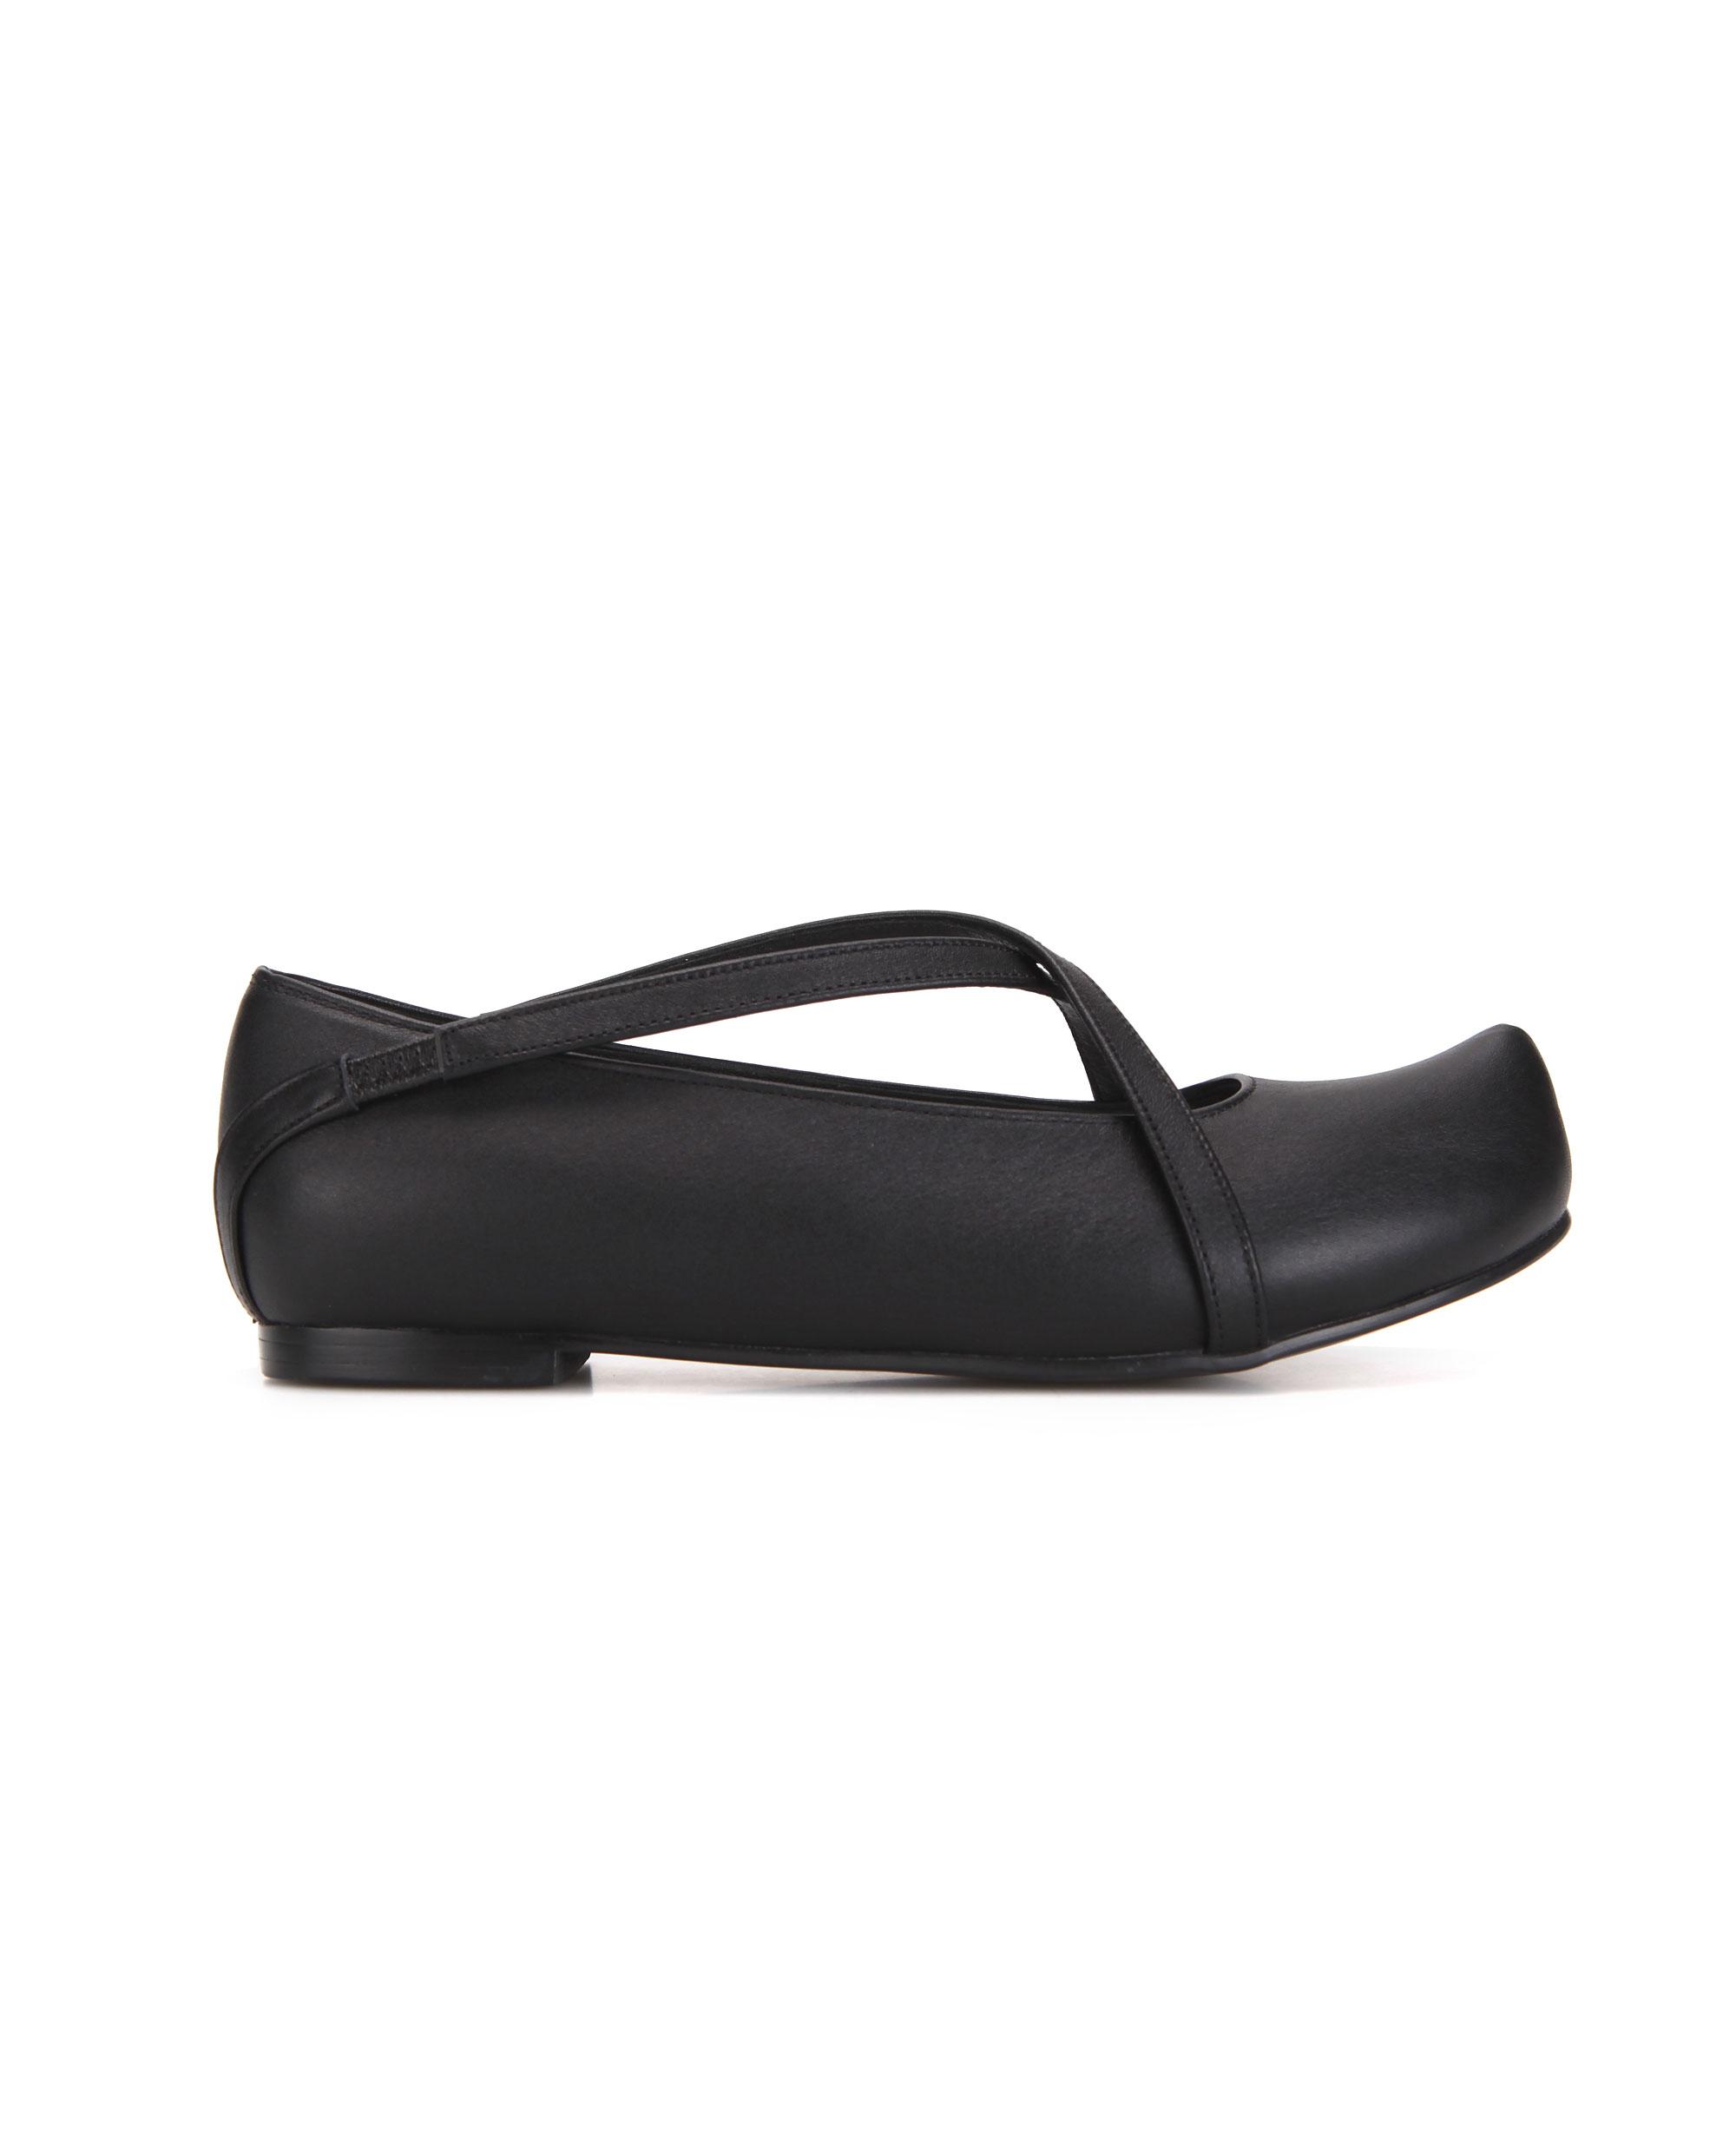 플랫아파트먼트, 플랫아파트먼트 신발, 플랫아파트먼트 슈즈, 포인티드토, 포인티드코, 포인티드토 플랫폼 신발, x스트랩플랫폼, x스트랩플랫폼슈즈, flatapartment, flat apartment, flat apartment shoes, flatapartment shoes, x strap flats, pointed toe flats, pointed toe shoes, x strap shoes, x strap flats, criss cross strap flats, criss cross x strap pointed toe flats, flat shoes with strap, shoes, Seoul fashion, K fashion, flat shoes, platforms, unique shoes, unique platforms